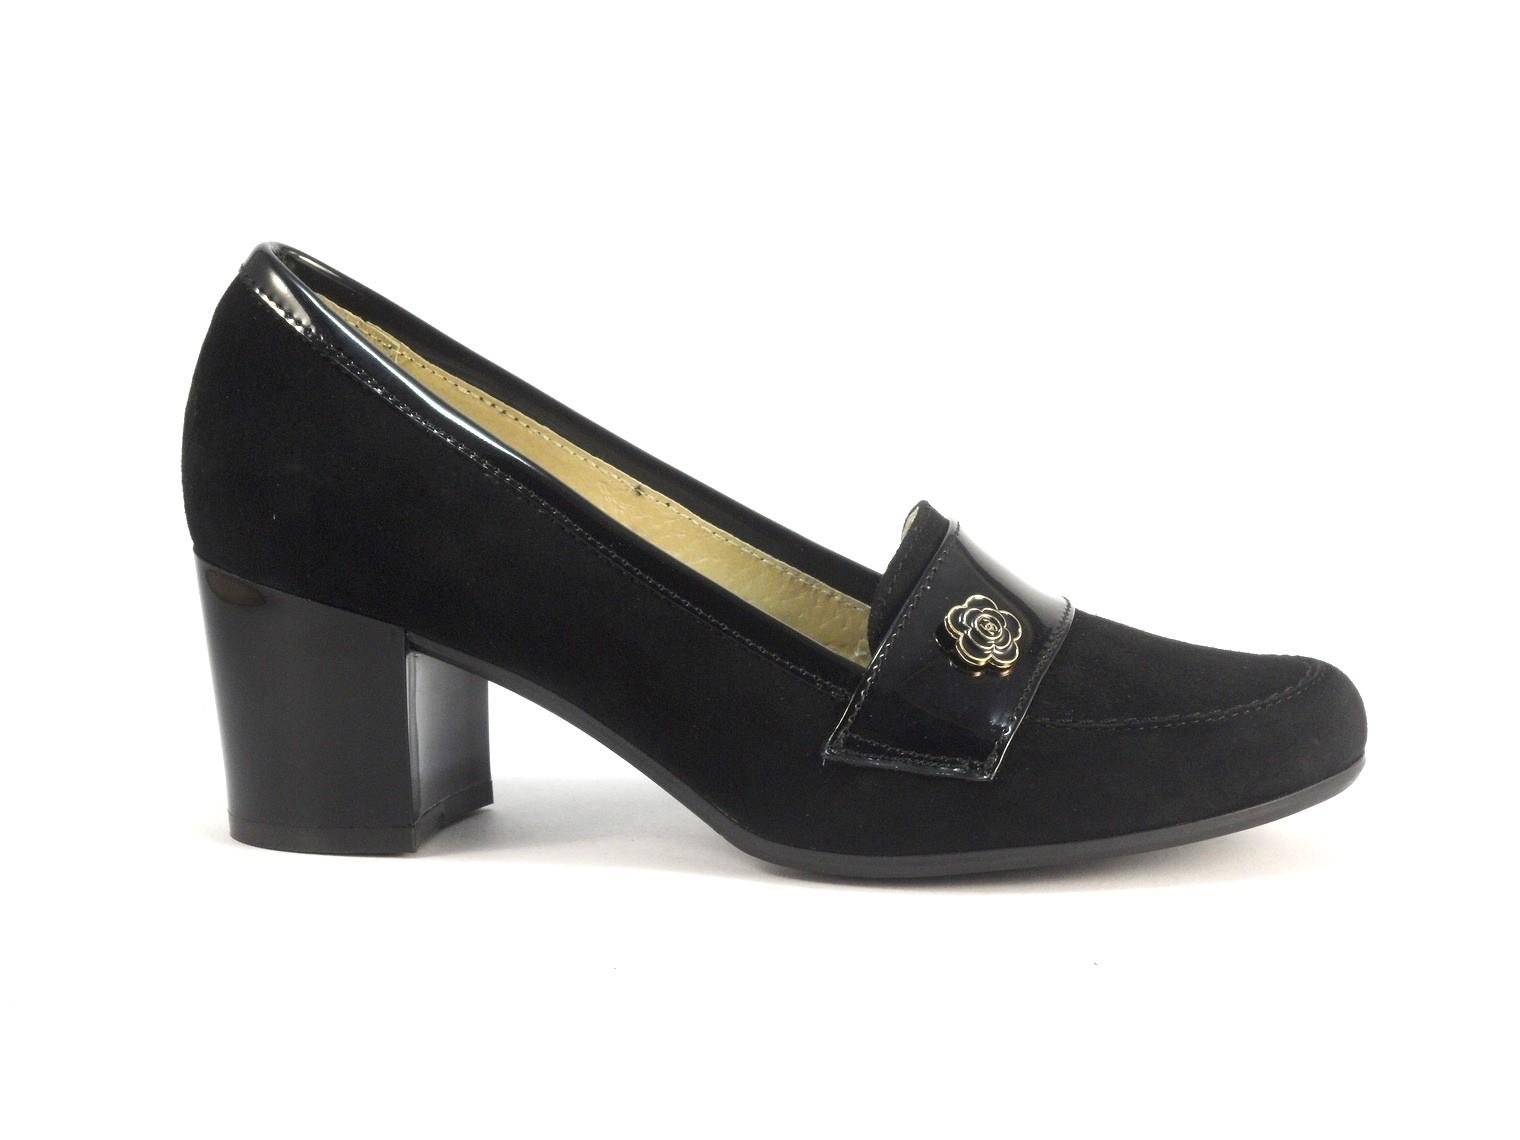 df0be0fa0 Женская обувь от украинского производителя - Migico